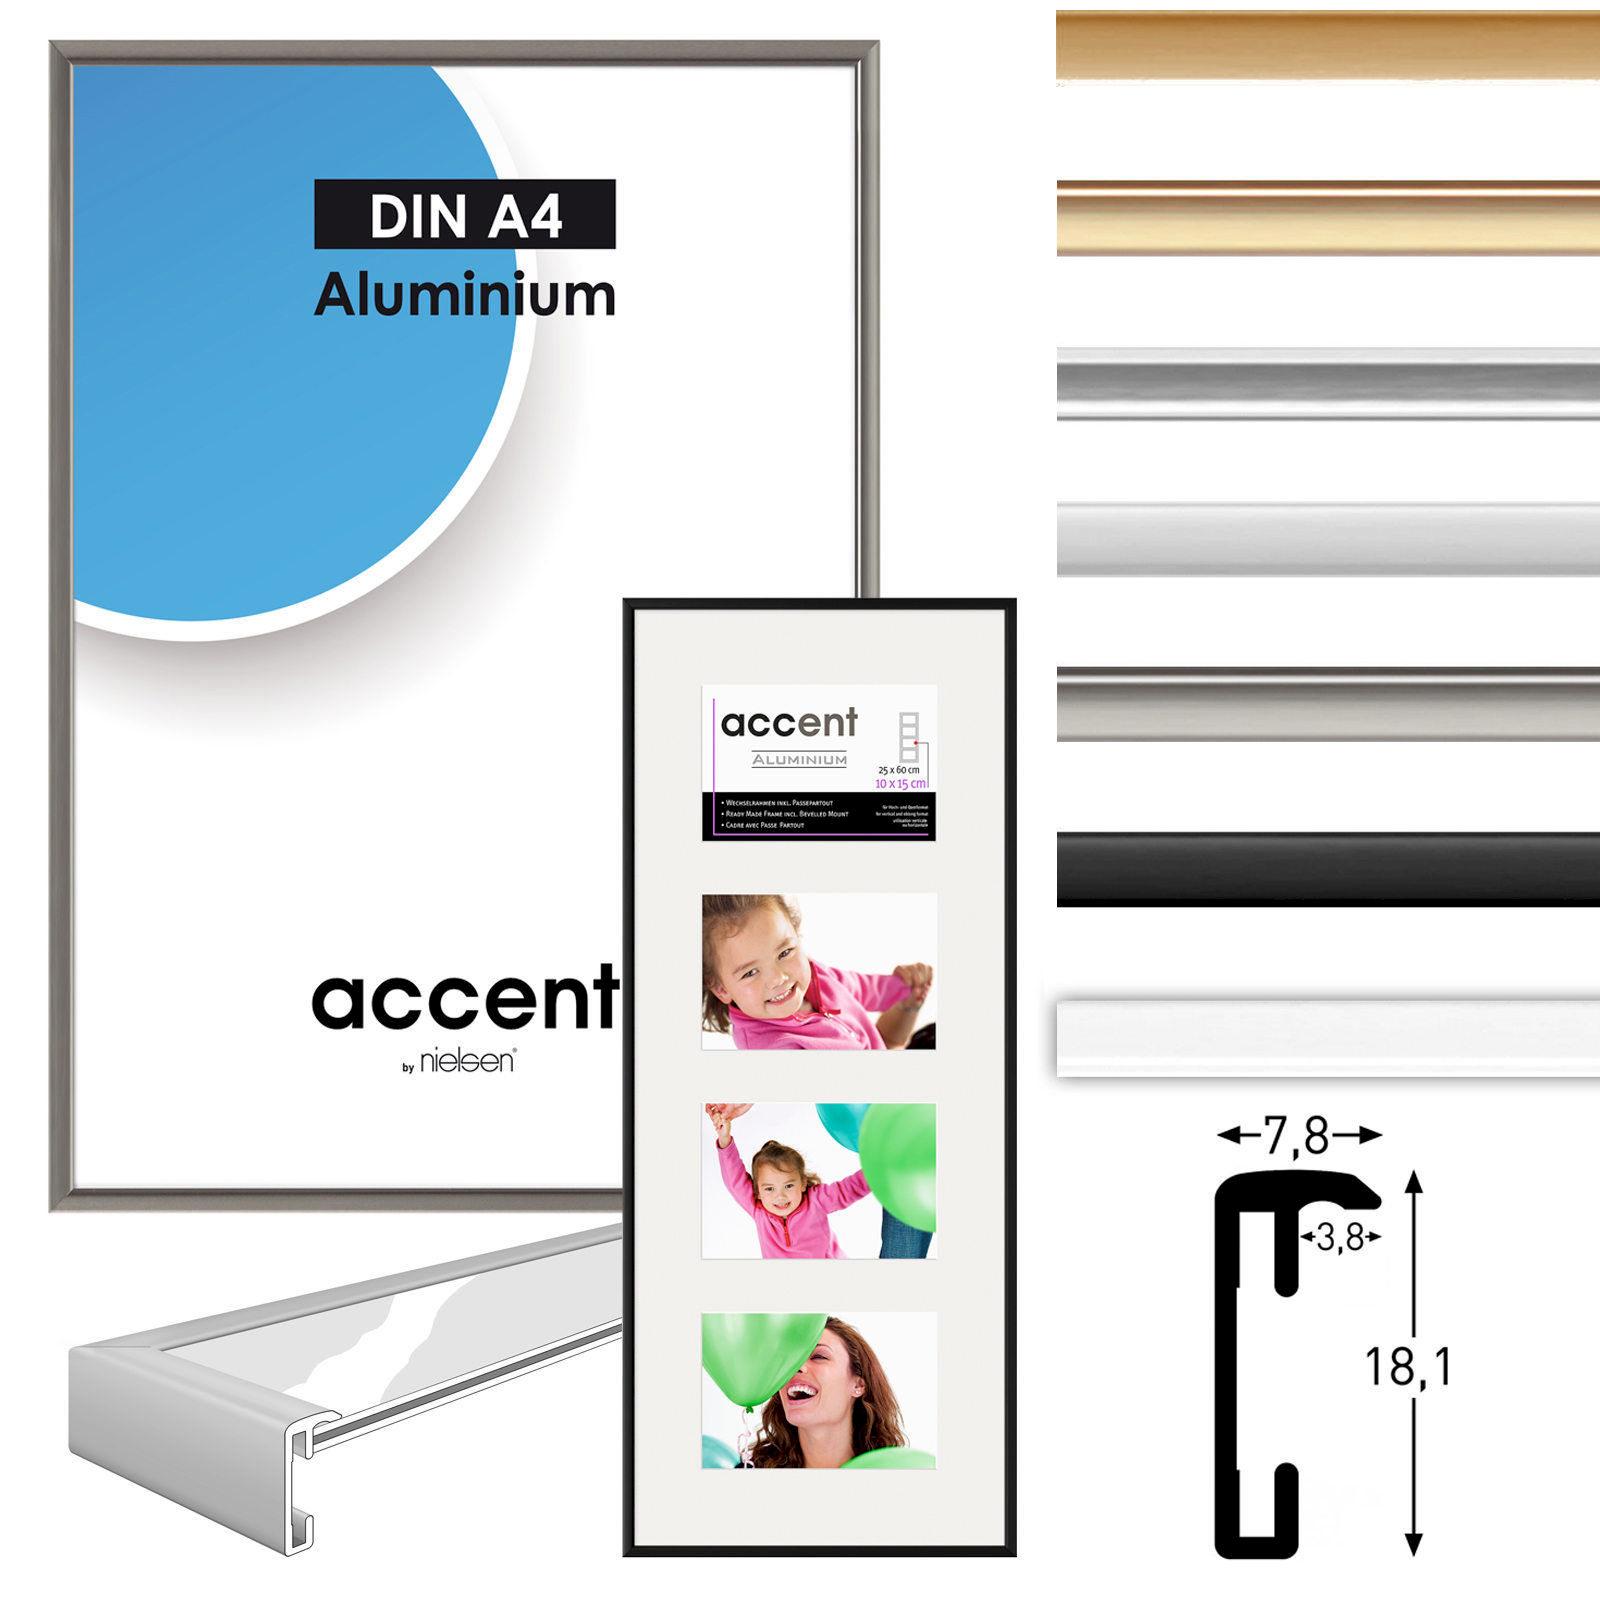 Marco de aluminio ACCENT, caddy de aluminio, imagen marcos de ...